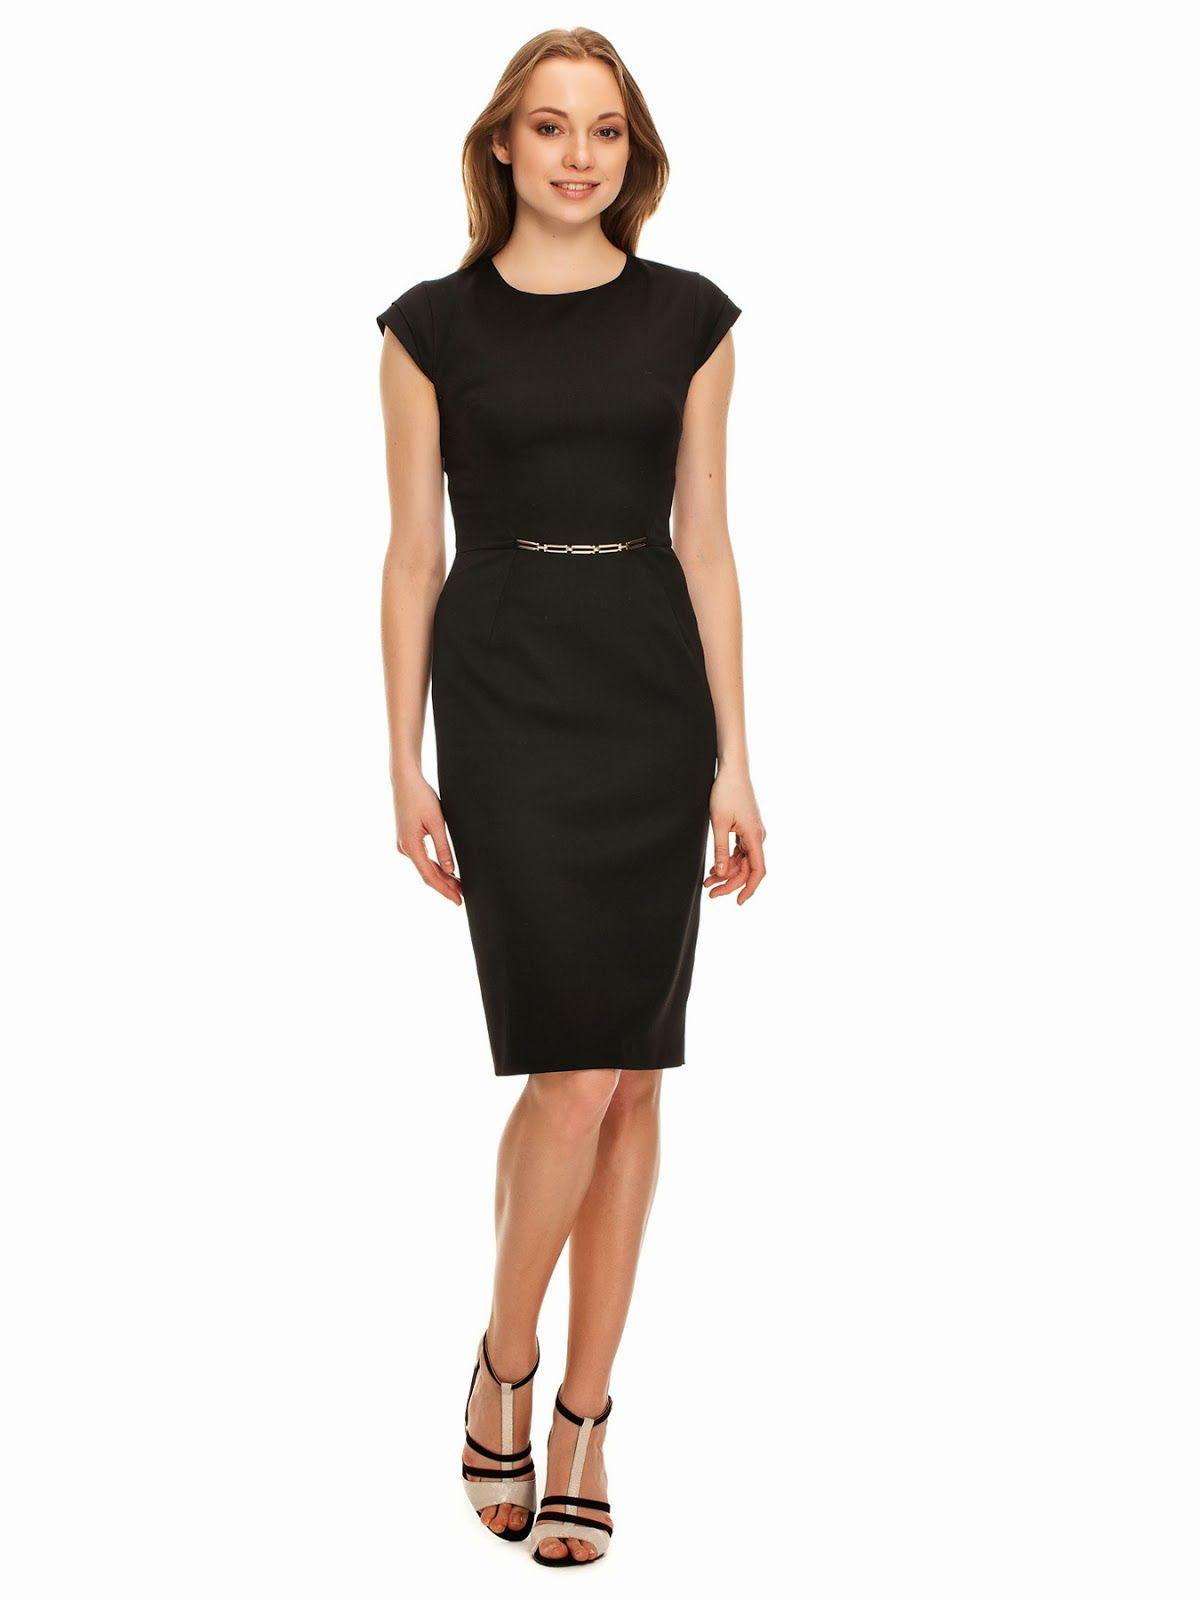 Marka Diyari Ipekyol Ilkbahar Yaz Elbise Koleksiyonu 2014 Elbise Siyah Kisa Elbise Elbise Modelleri